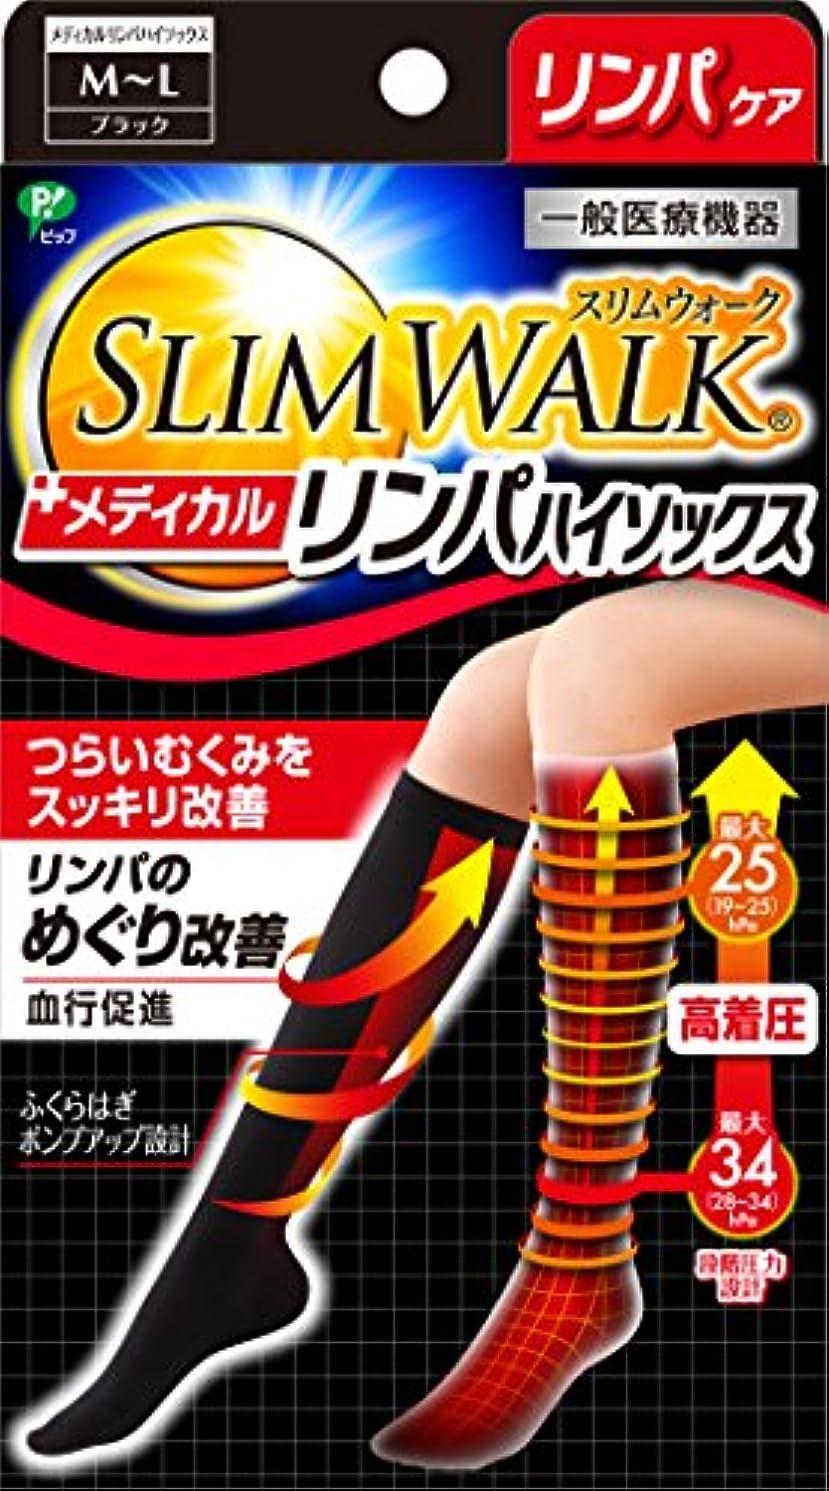 カーフペレグリネーションハーフスリムウォーク メディカルリンパ おでかけ用 ハイソックス ブラック M-Lサイズ(SLIM WALK,medical lymph sockst,ML) 着圧 ソックス